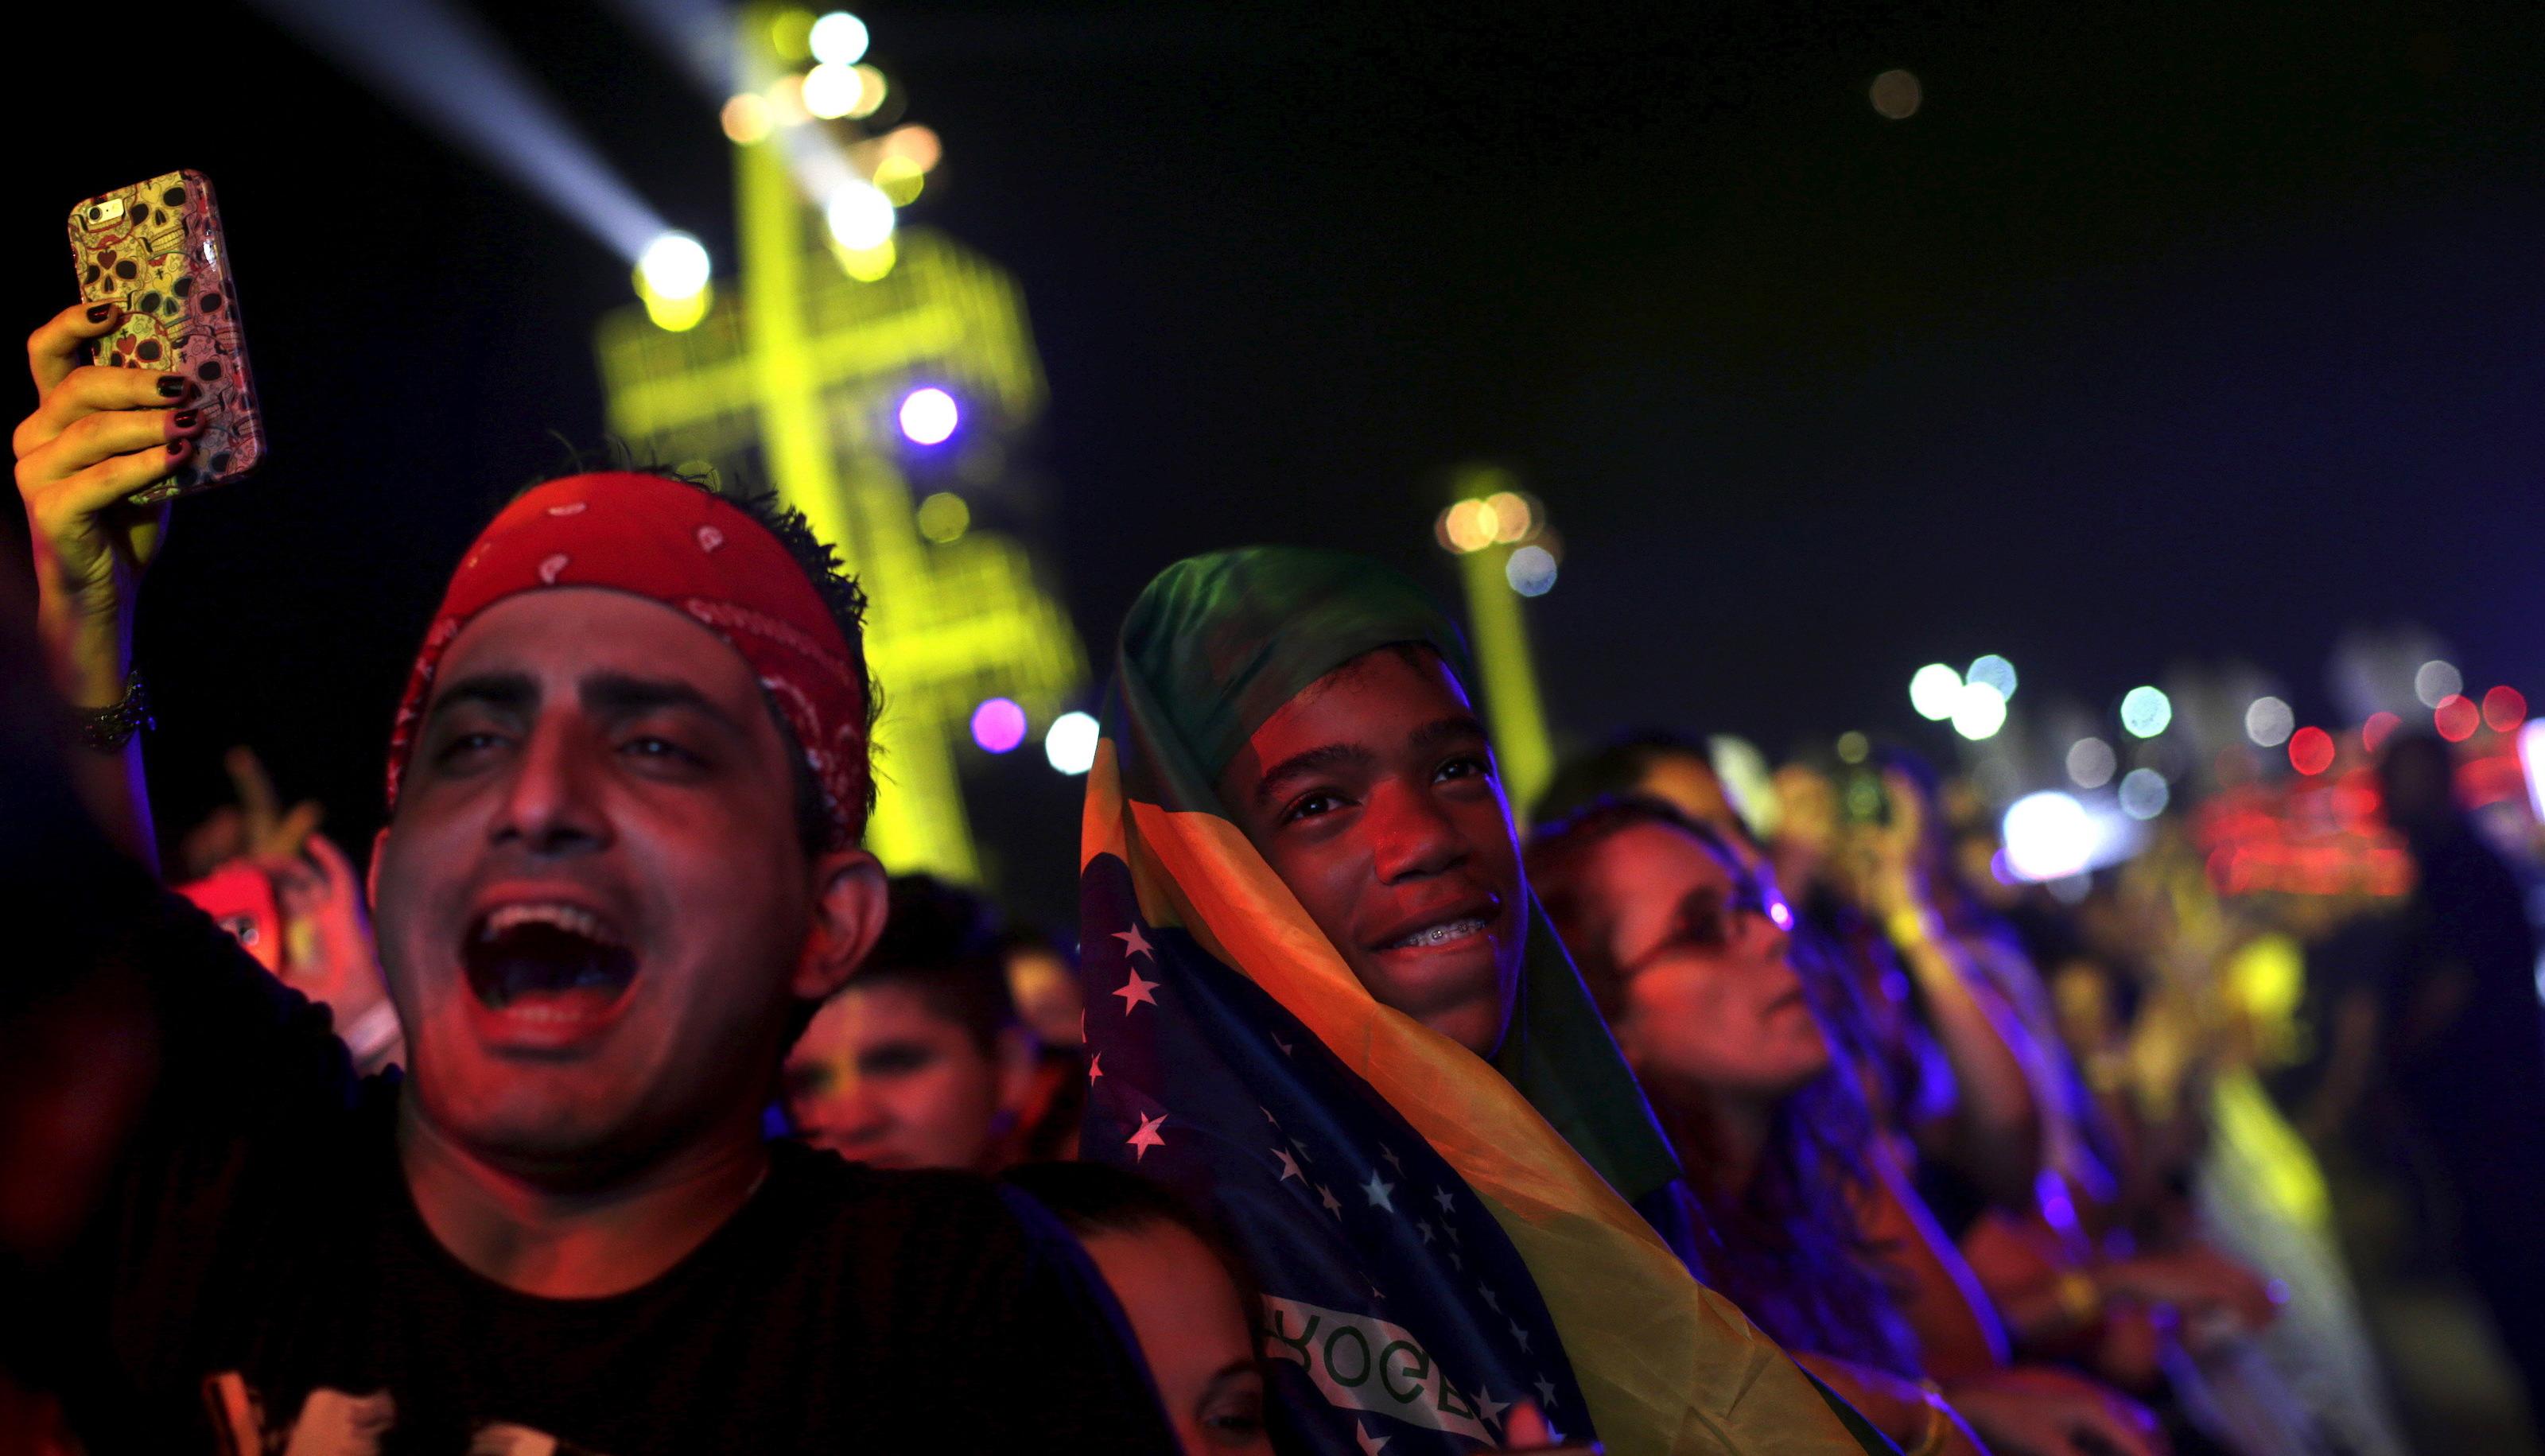 Rock fans cheer during the Rock in Rio music festival in Rio de Janeiro, Brazil, September 24, 2015. REUTERS/Ricardo Moraes - RTX1SCG1